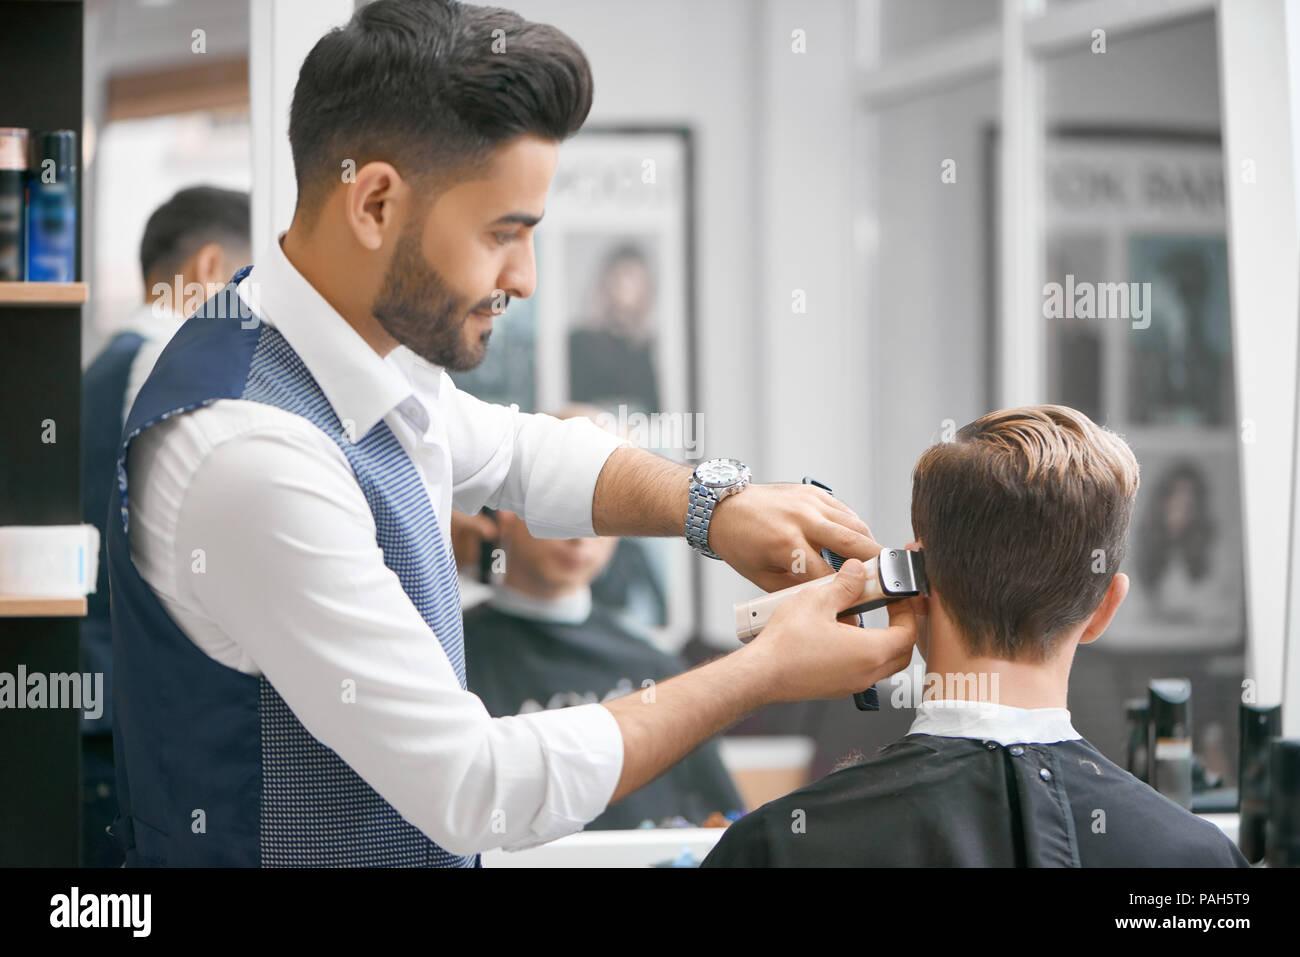 Salon de coiffure faisant nouvelle coupe pour young client assis devant un miroir. Vêtu de blanc chemise décontractée, gilet gris, regardez. À la recherche d'amour, concentré son travail. Modèle recouvert d'une cape noire. Banque D'Images